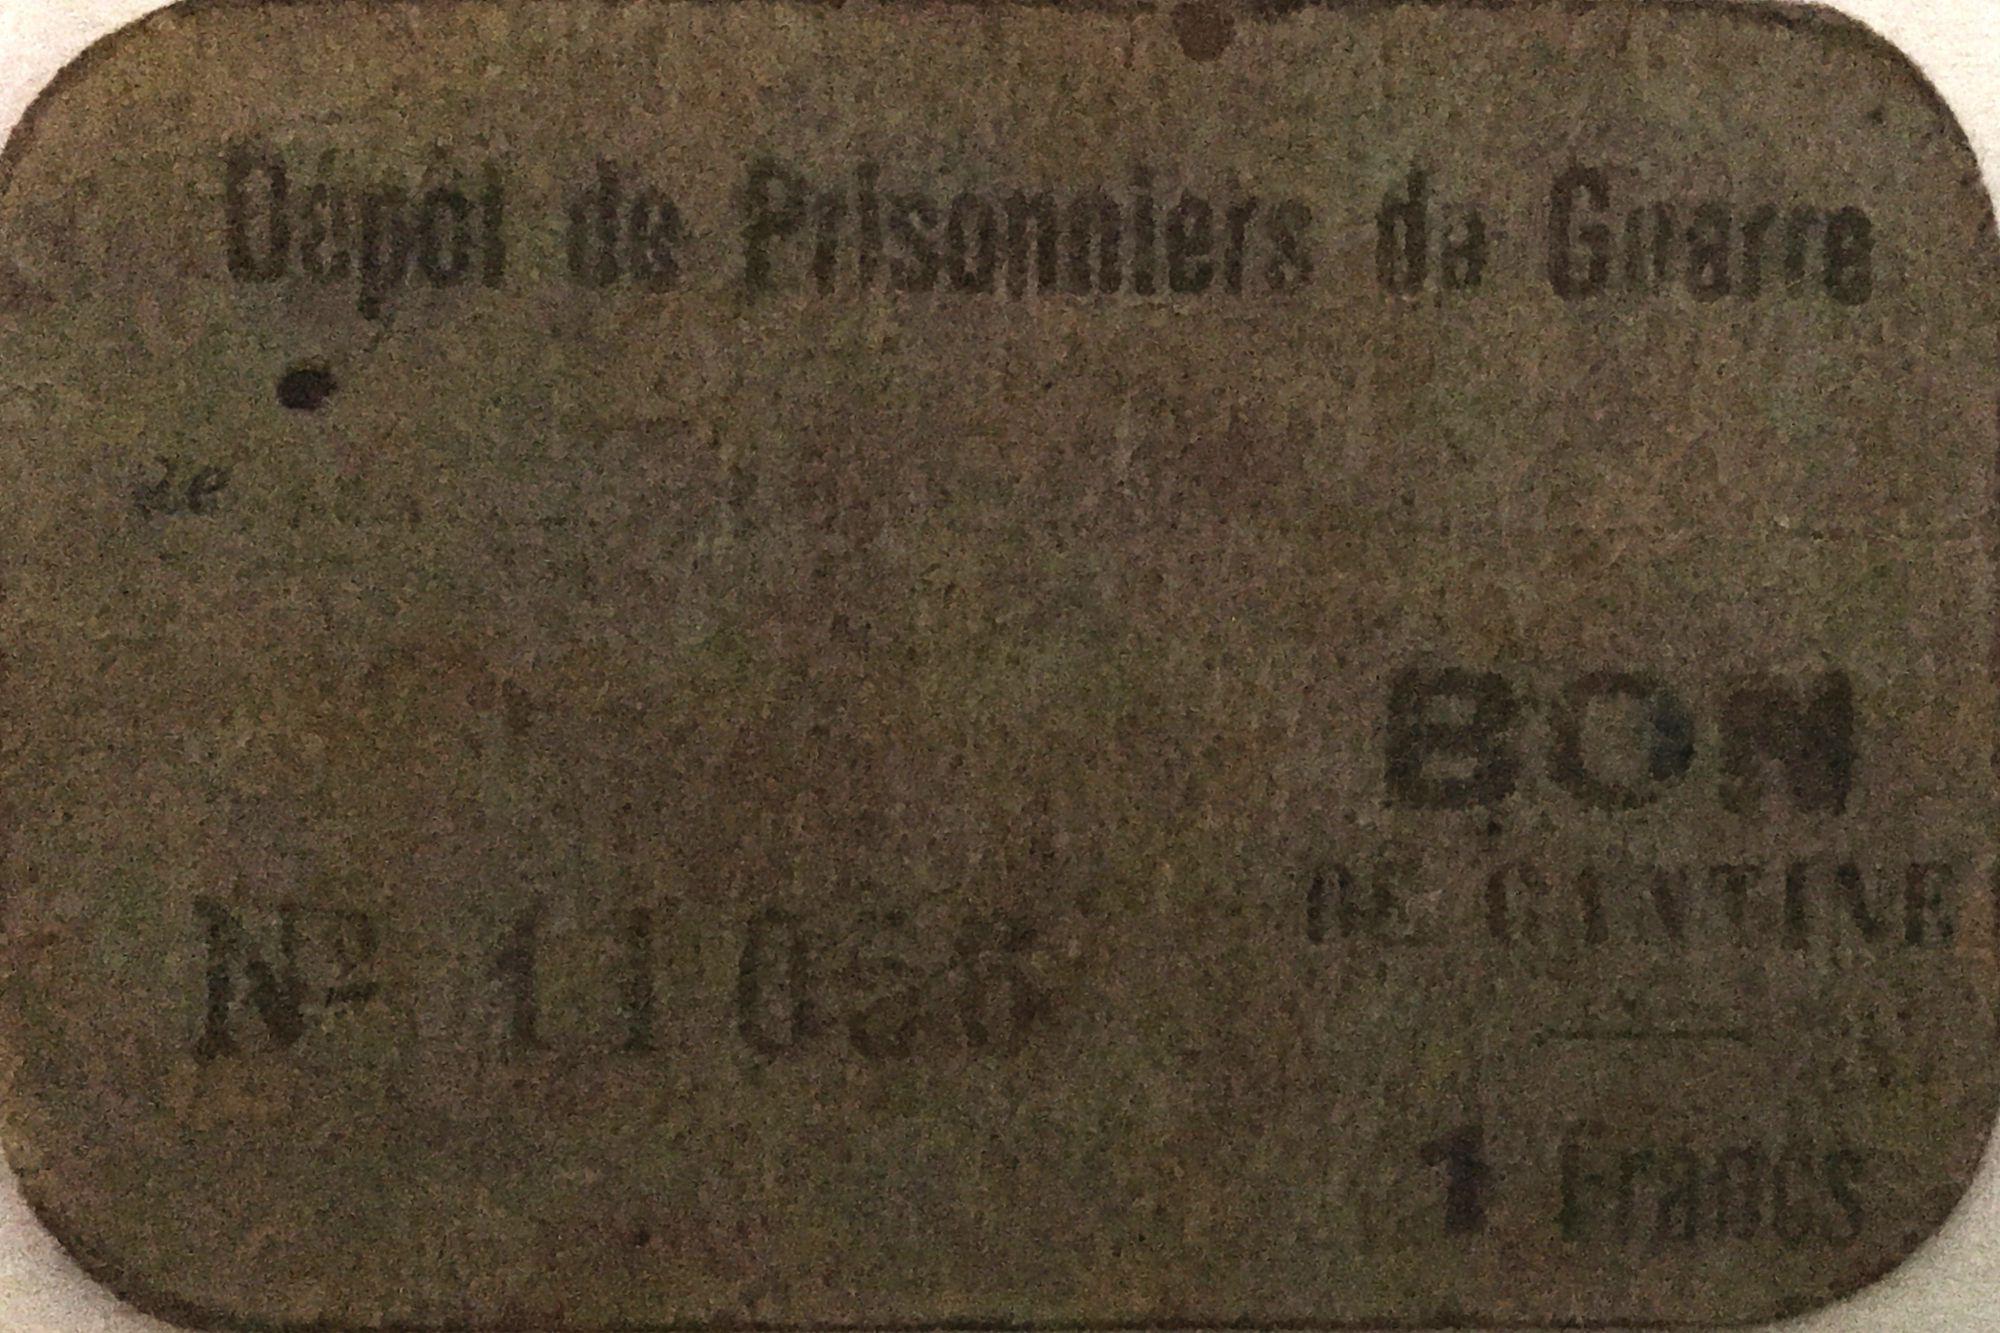 France 1 Franc - Bon de Cantine - Dépôt de Prisonniers de Guerre - PTTB